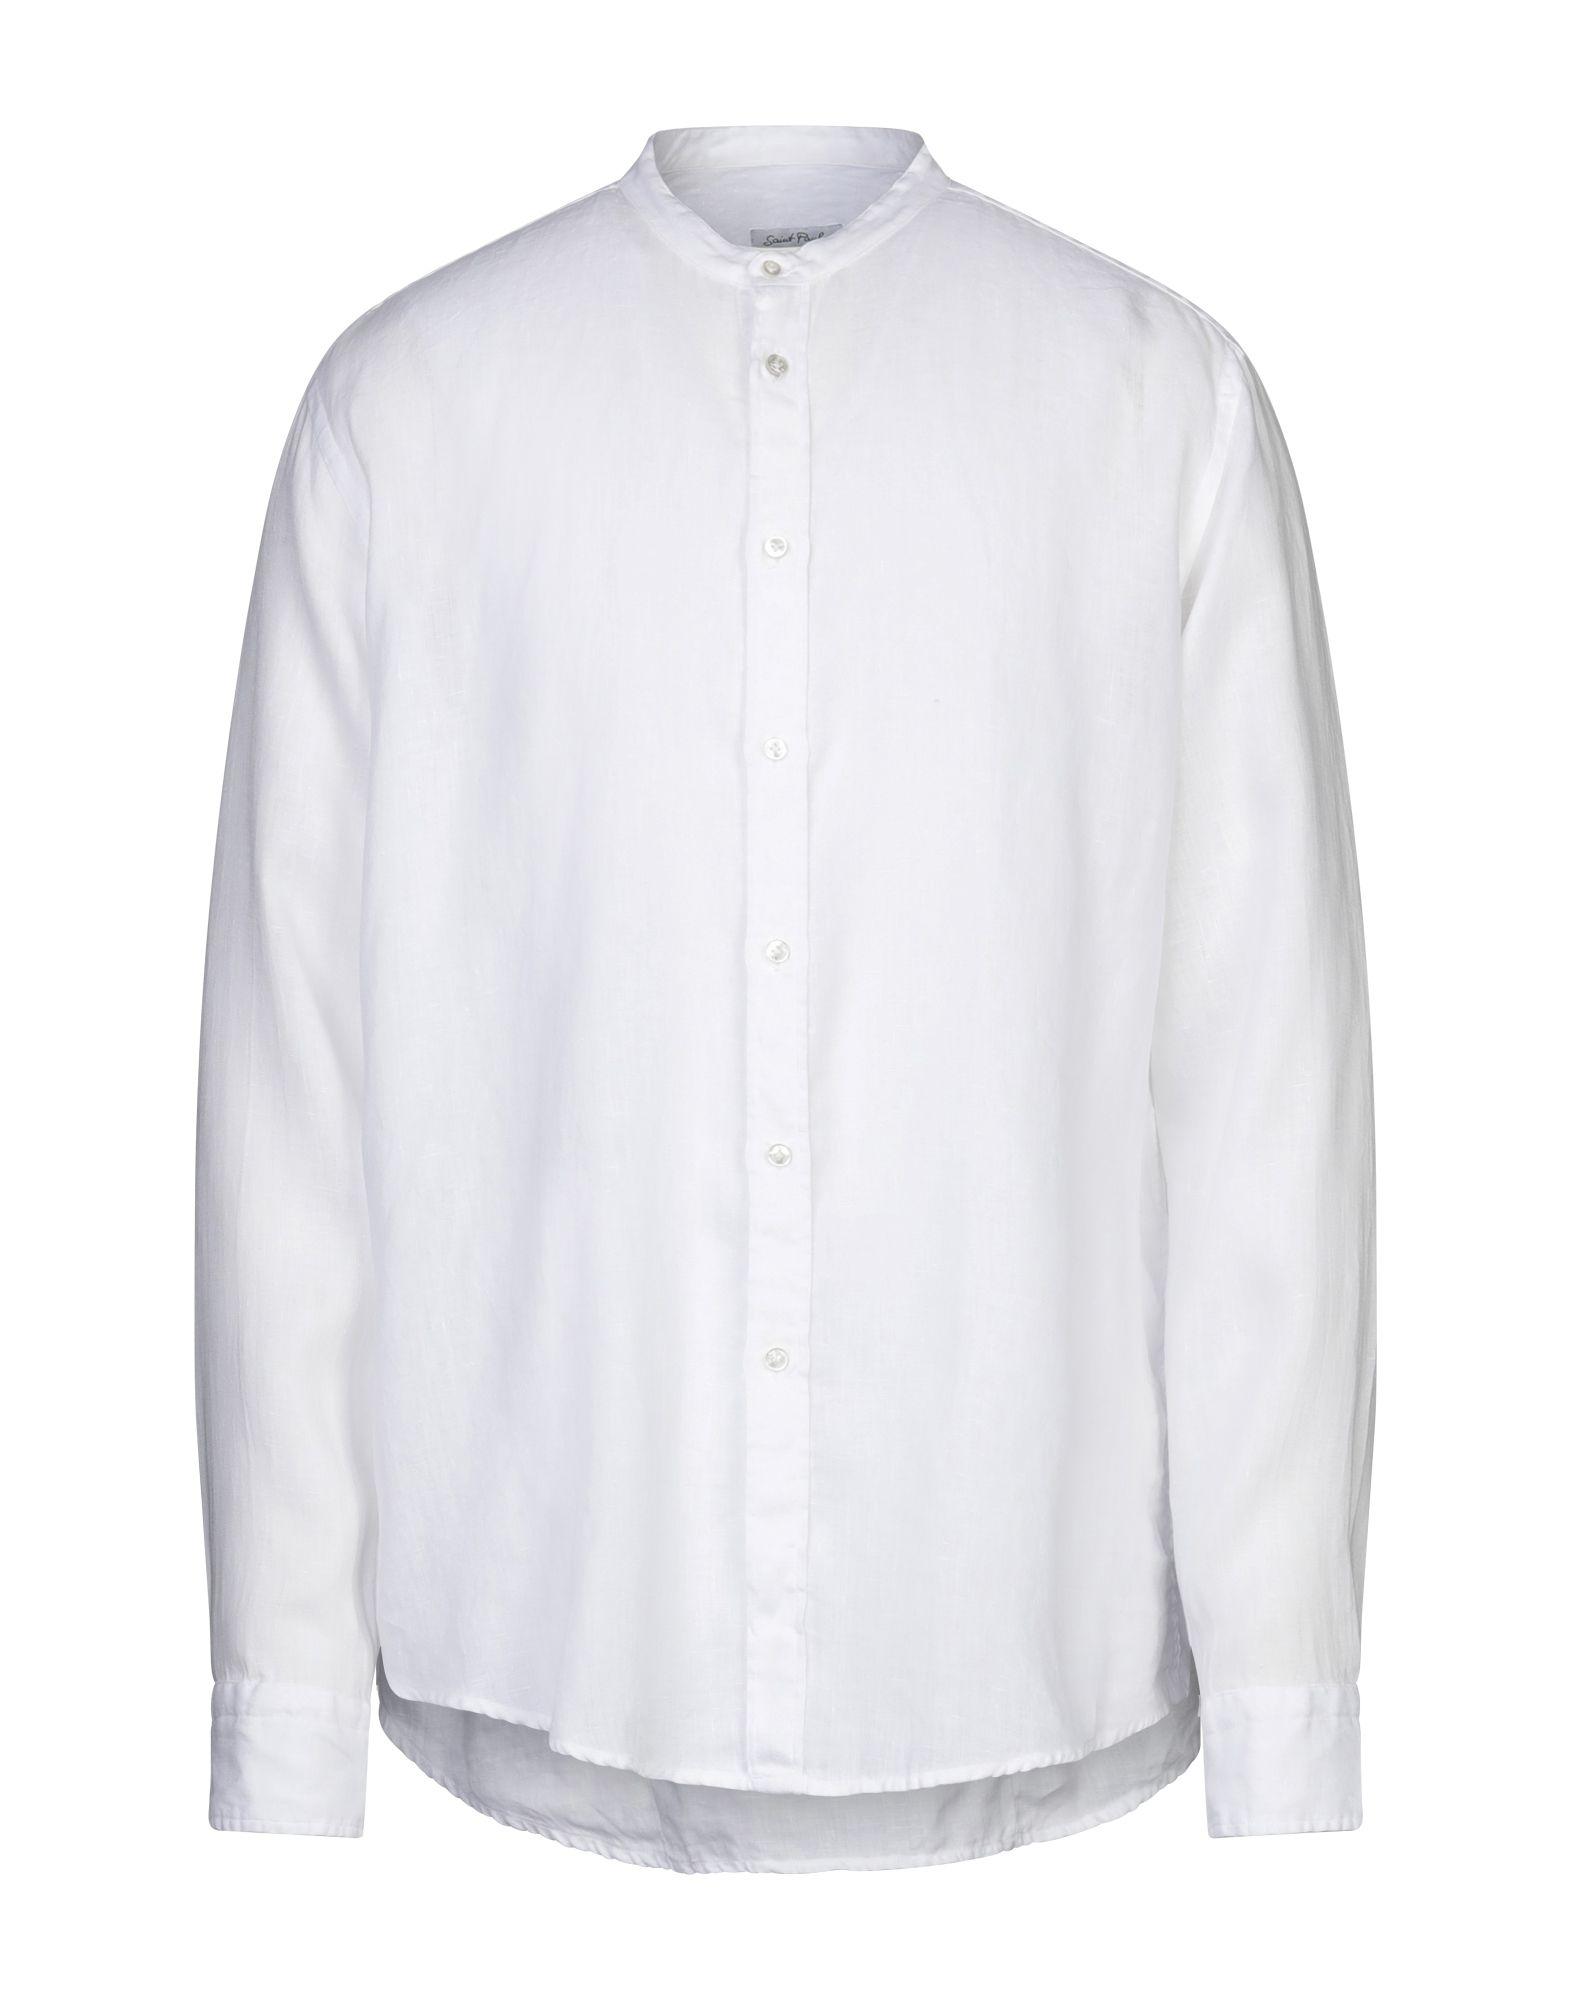 《セール開催中》SAINT PAUL メンズ シャツ ホワイト 39 リネン 100%